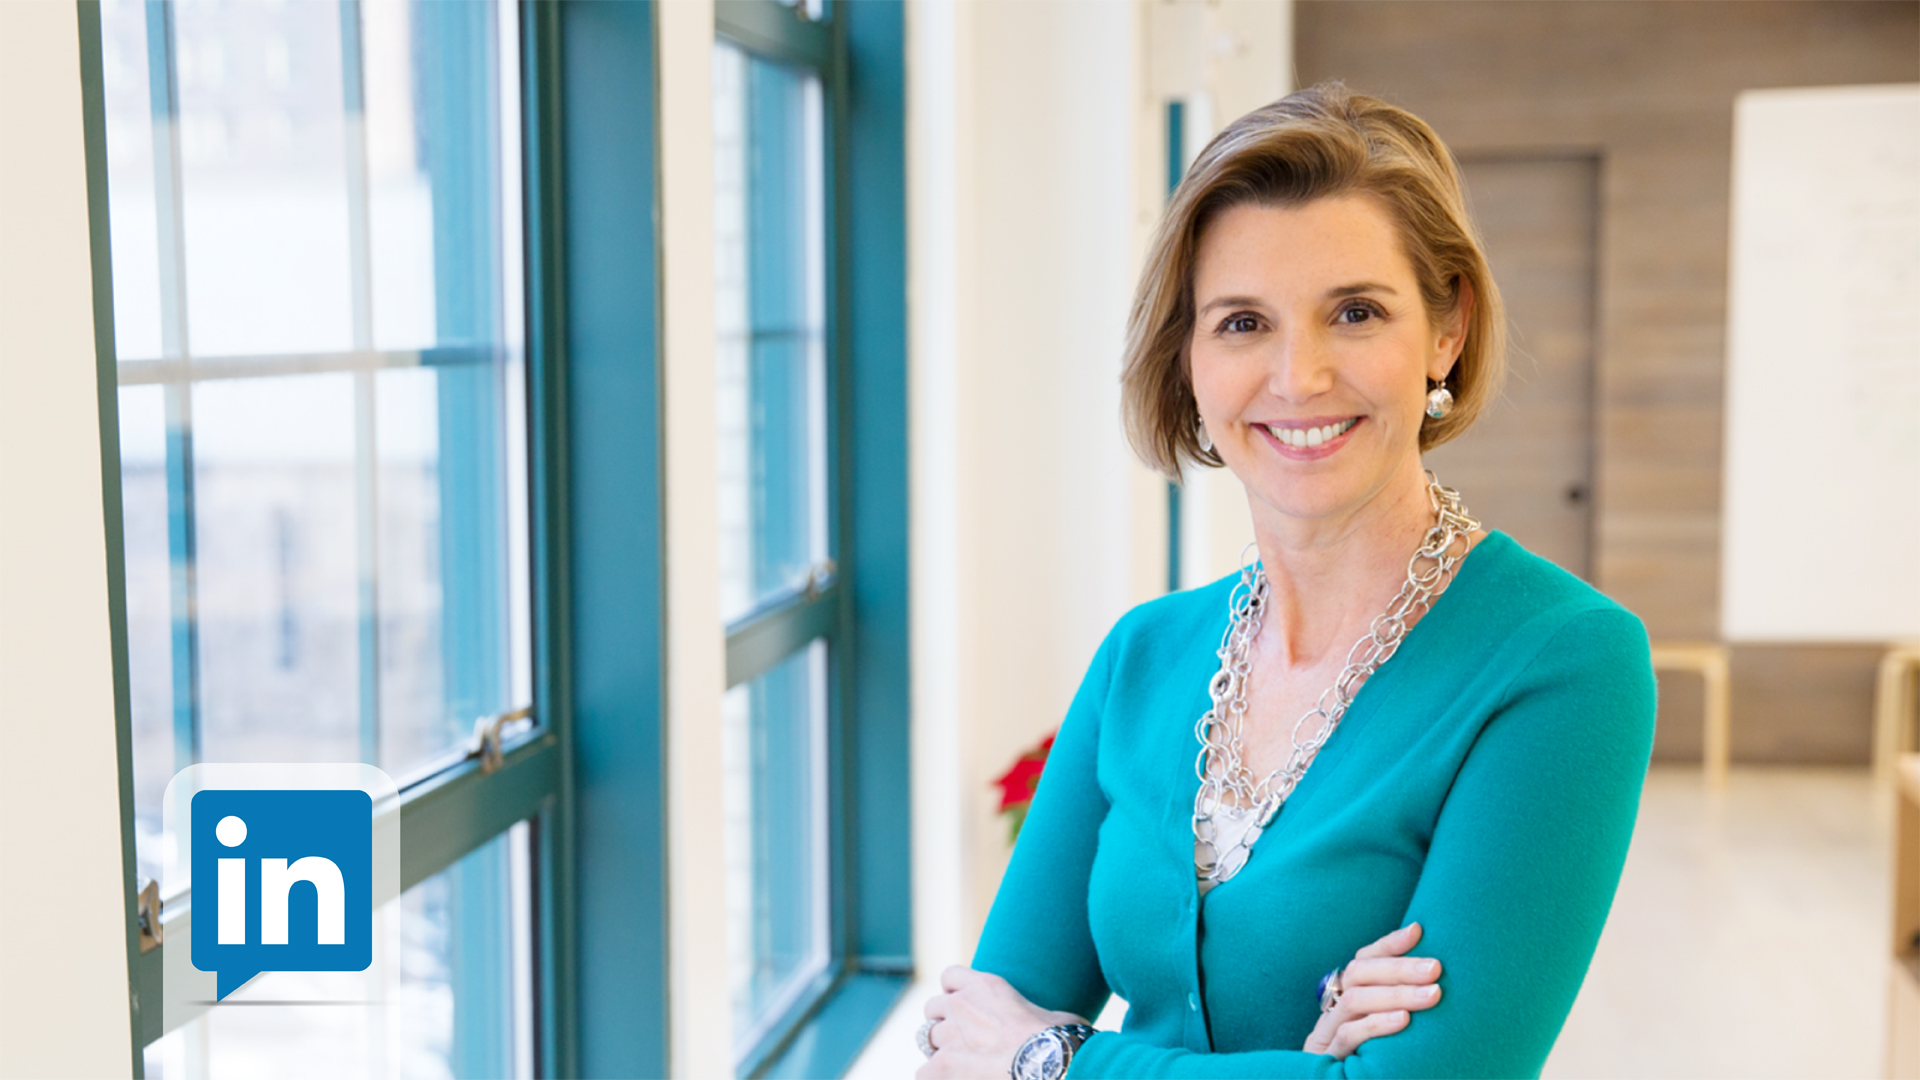 Welcome: Sallie Krawcheck on Risk-Taking